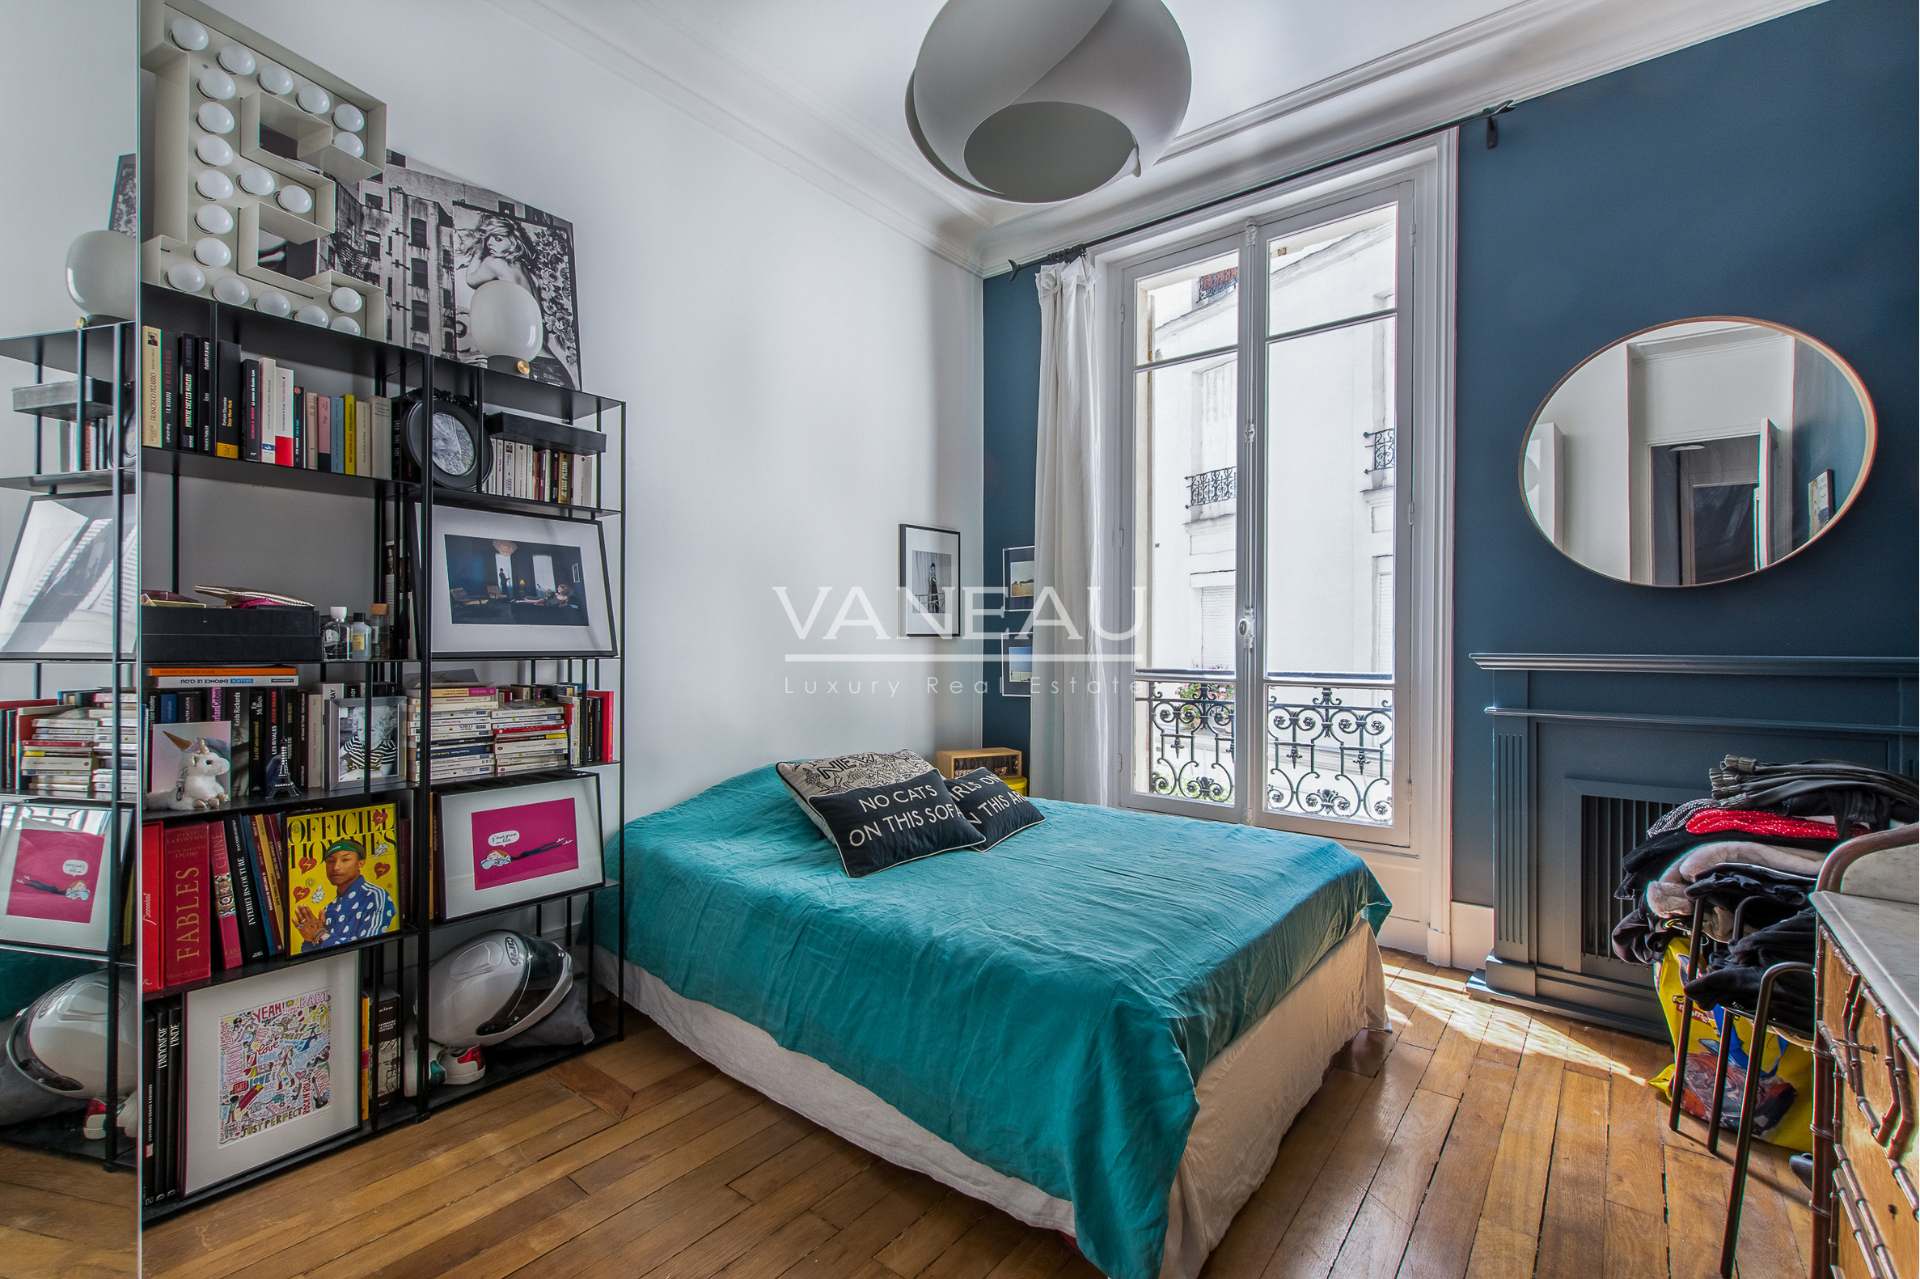 Real estate Paris – France – Vaneau – 6